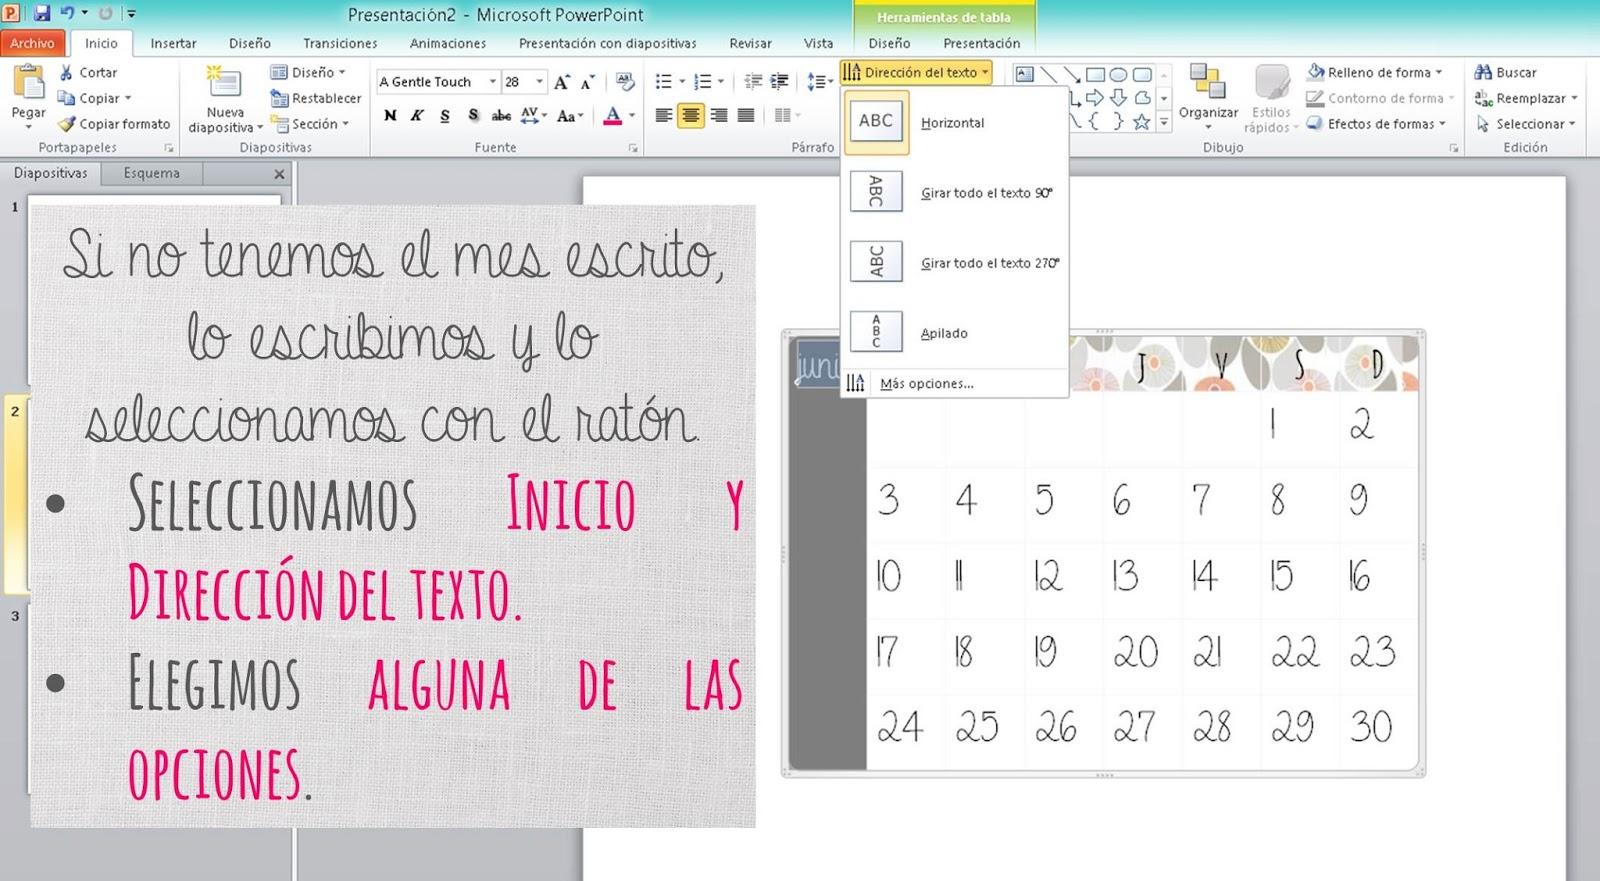 ya os he contando algunas ideas para hacer calendarios y ahora como guinda os digo cmo podis colocarlos y prepararlos para imprimir